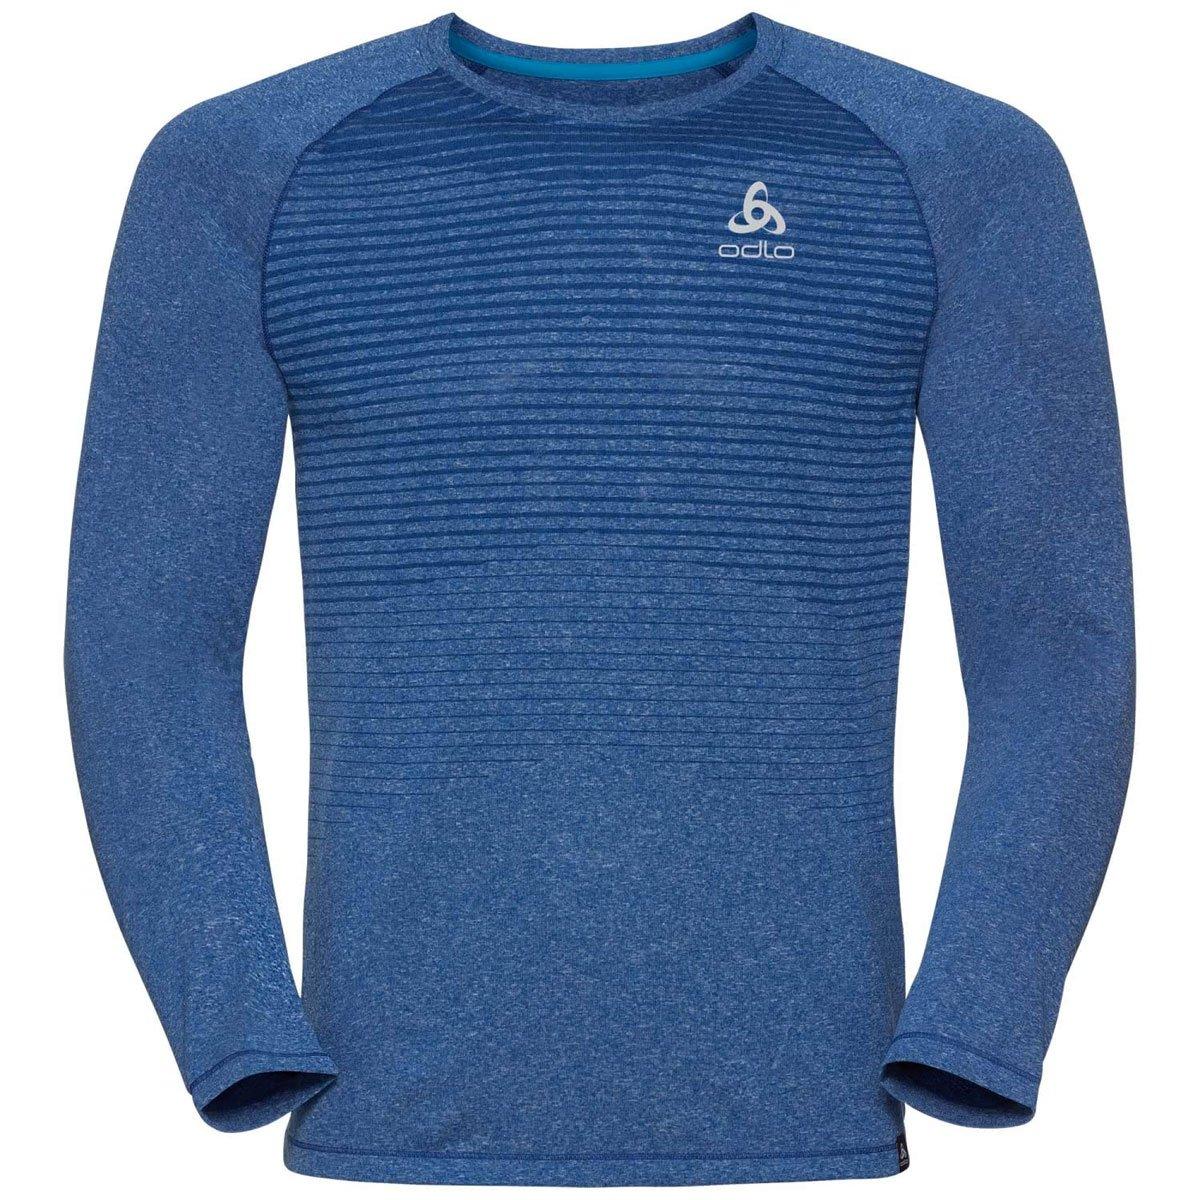 Odlo Herren T-Shirt L/S Aion ODLOA|#Odlo